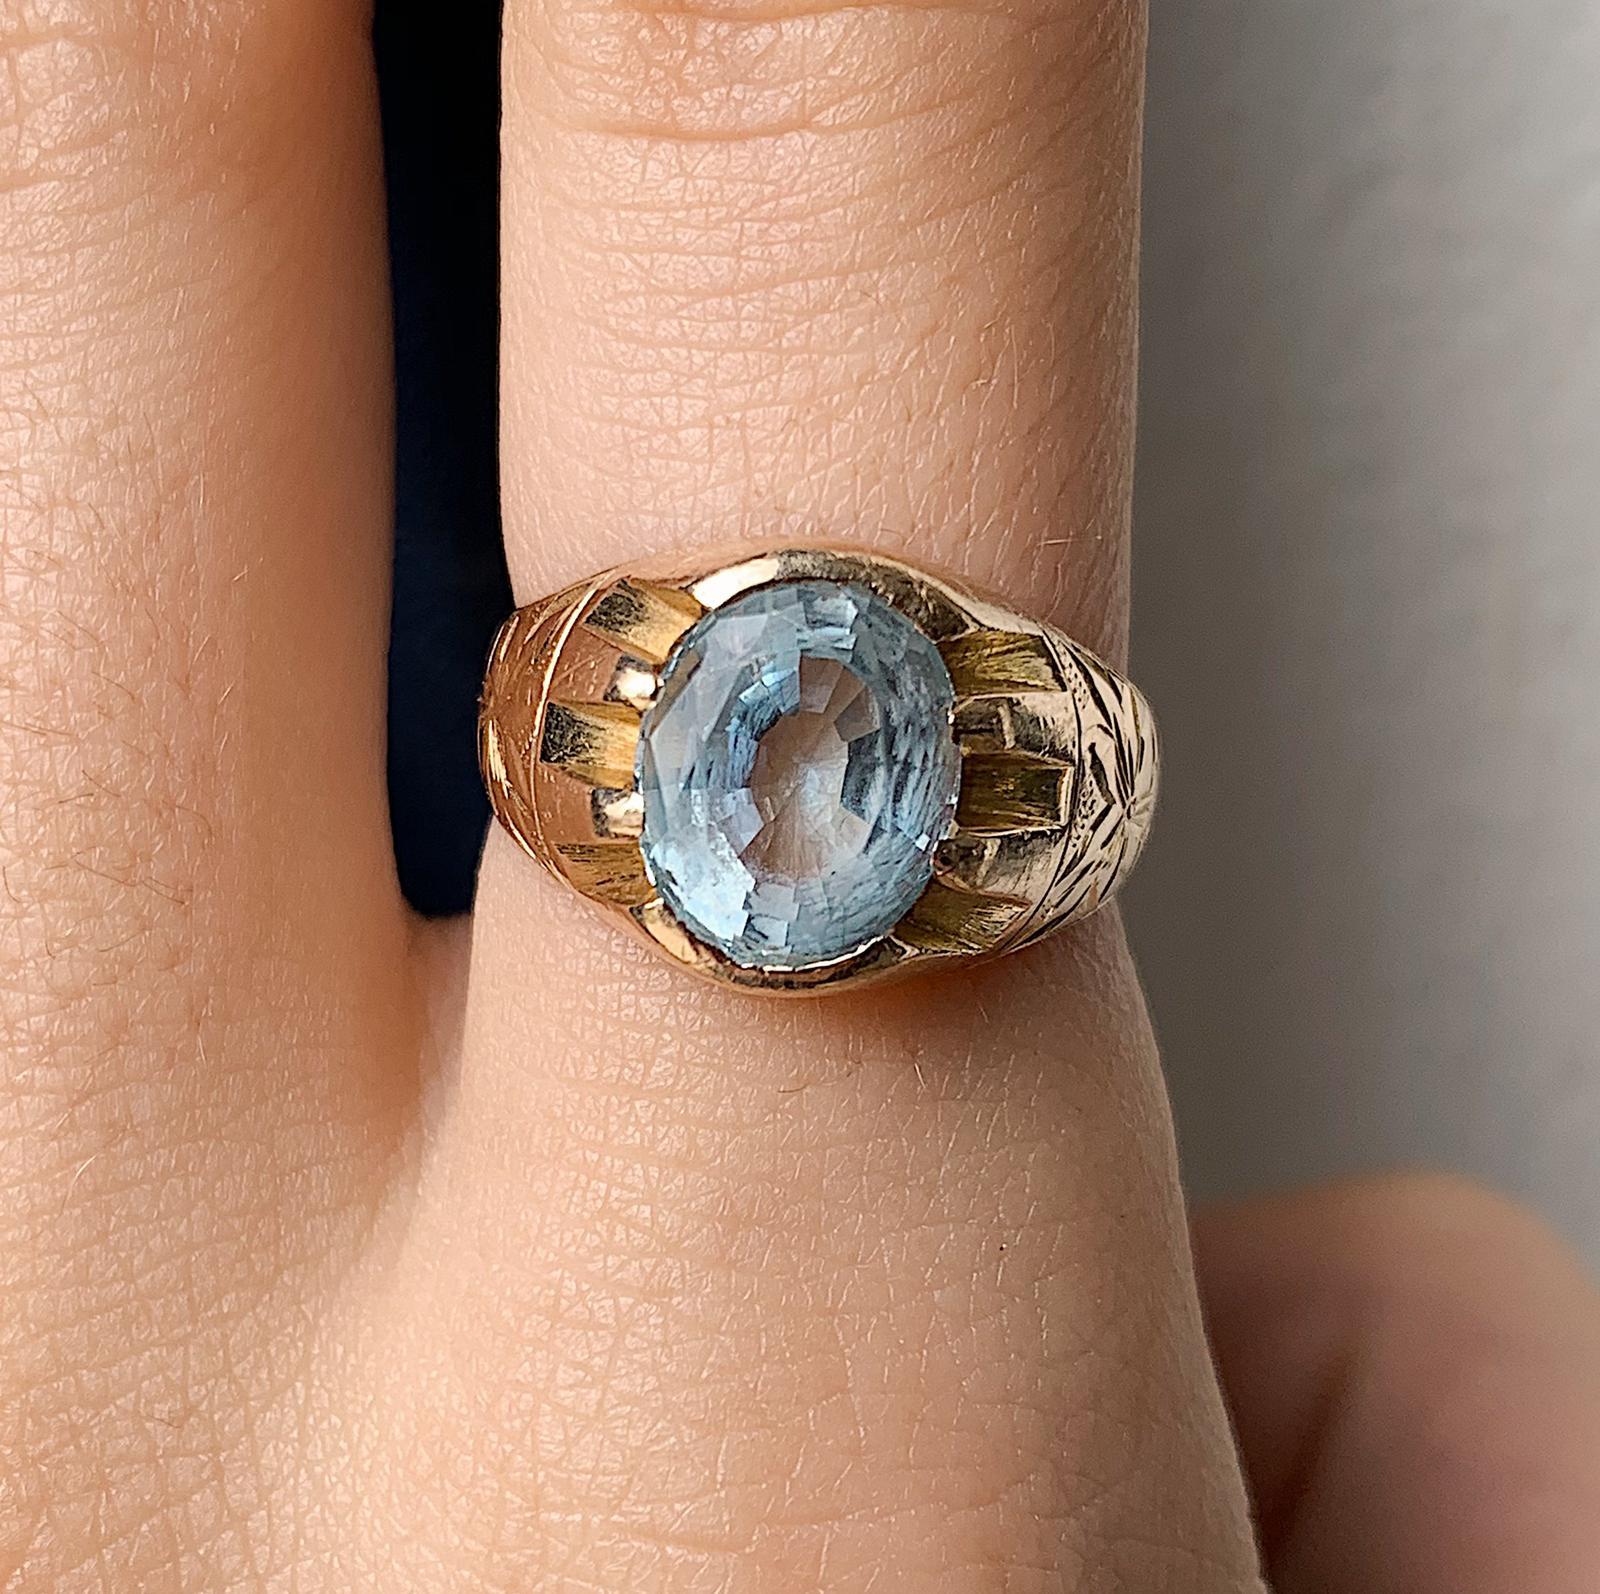 טבעת זהב 15k, עם אבן אקווה מארין .